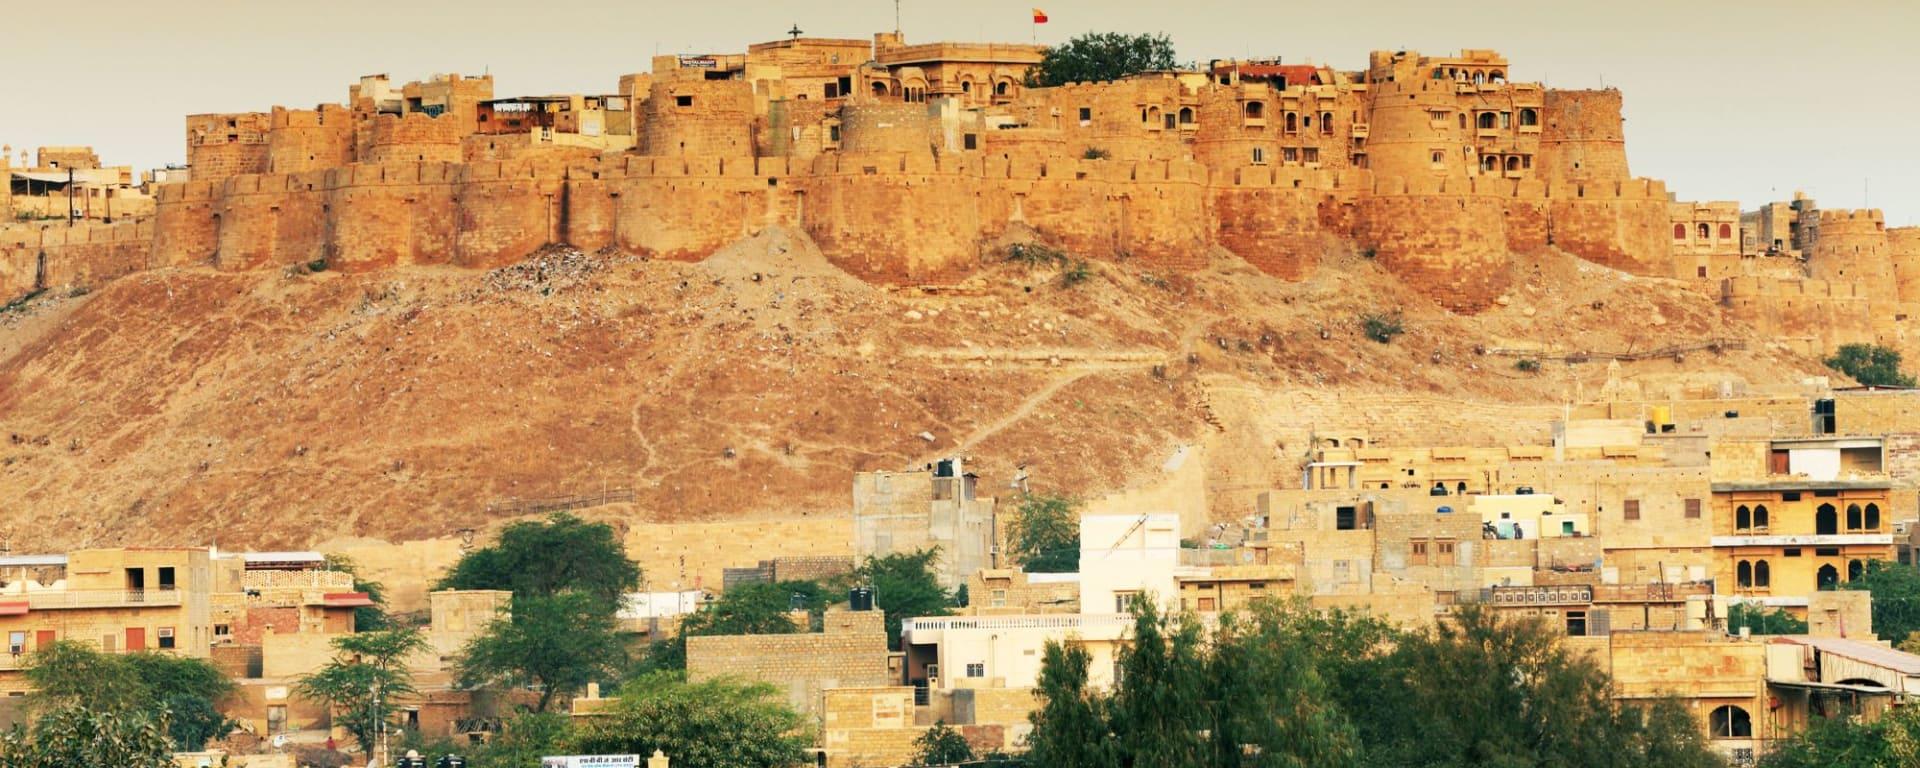 Höhepunkte Rajasthans ab Delhi: Jaisalmer: City in the desert